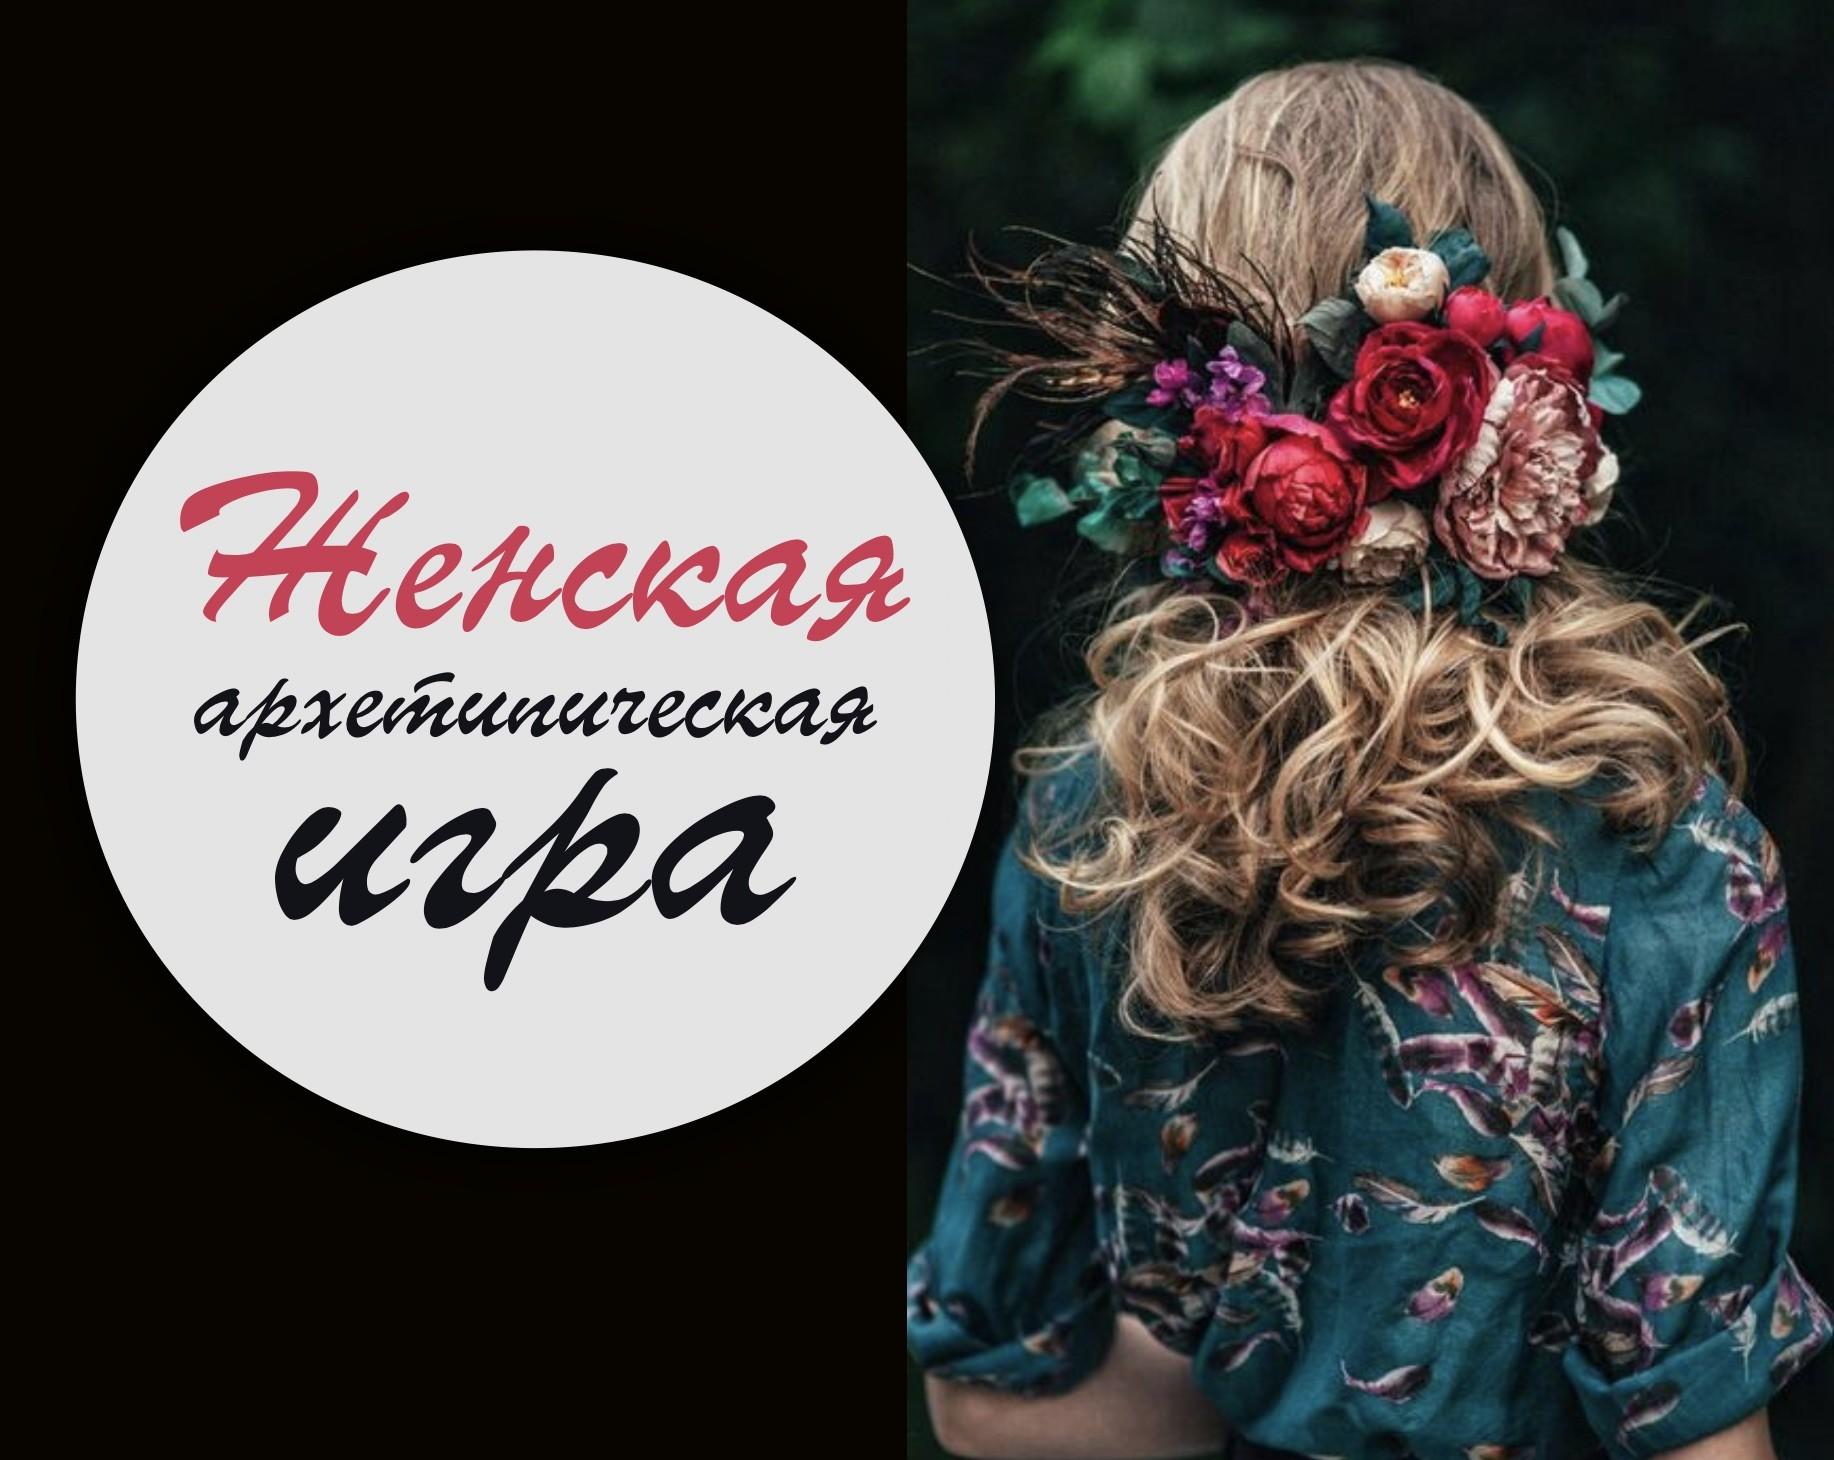 Киев. Архетипическая игра для женщин